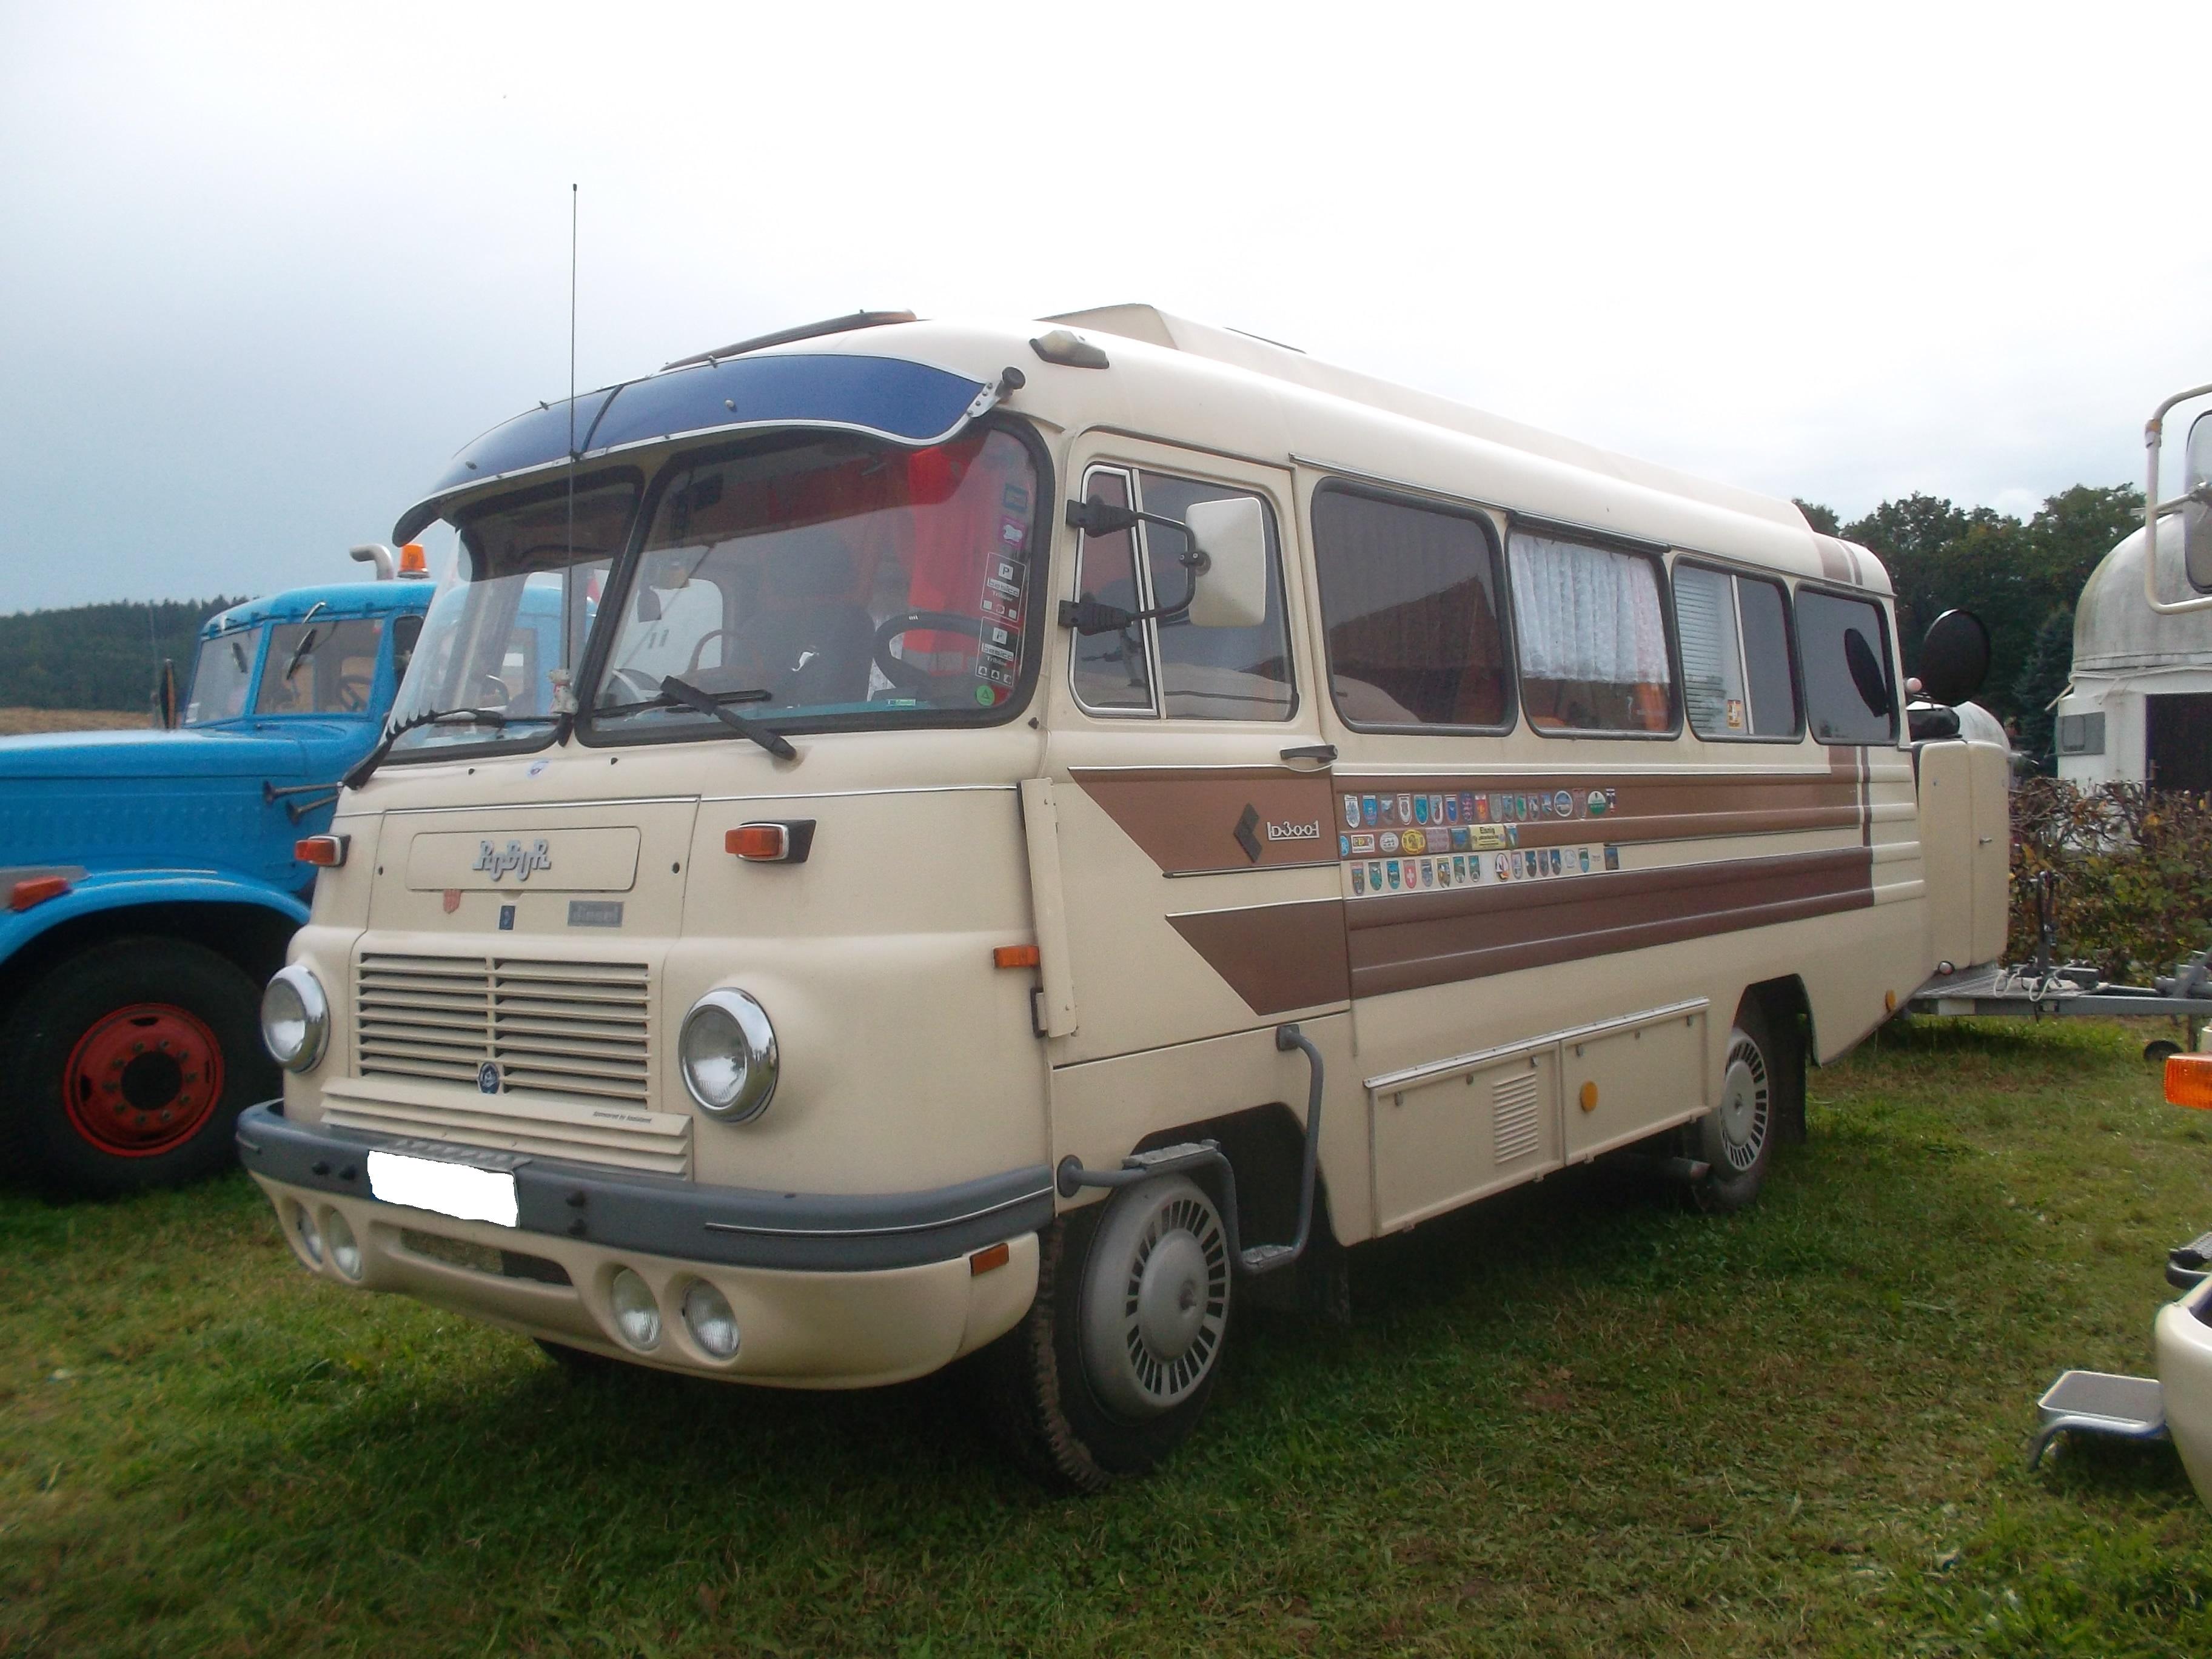 File:Robur LO 10 B 10 Wohnmobilbus (side) (10).jpg - Wikimedia